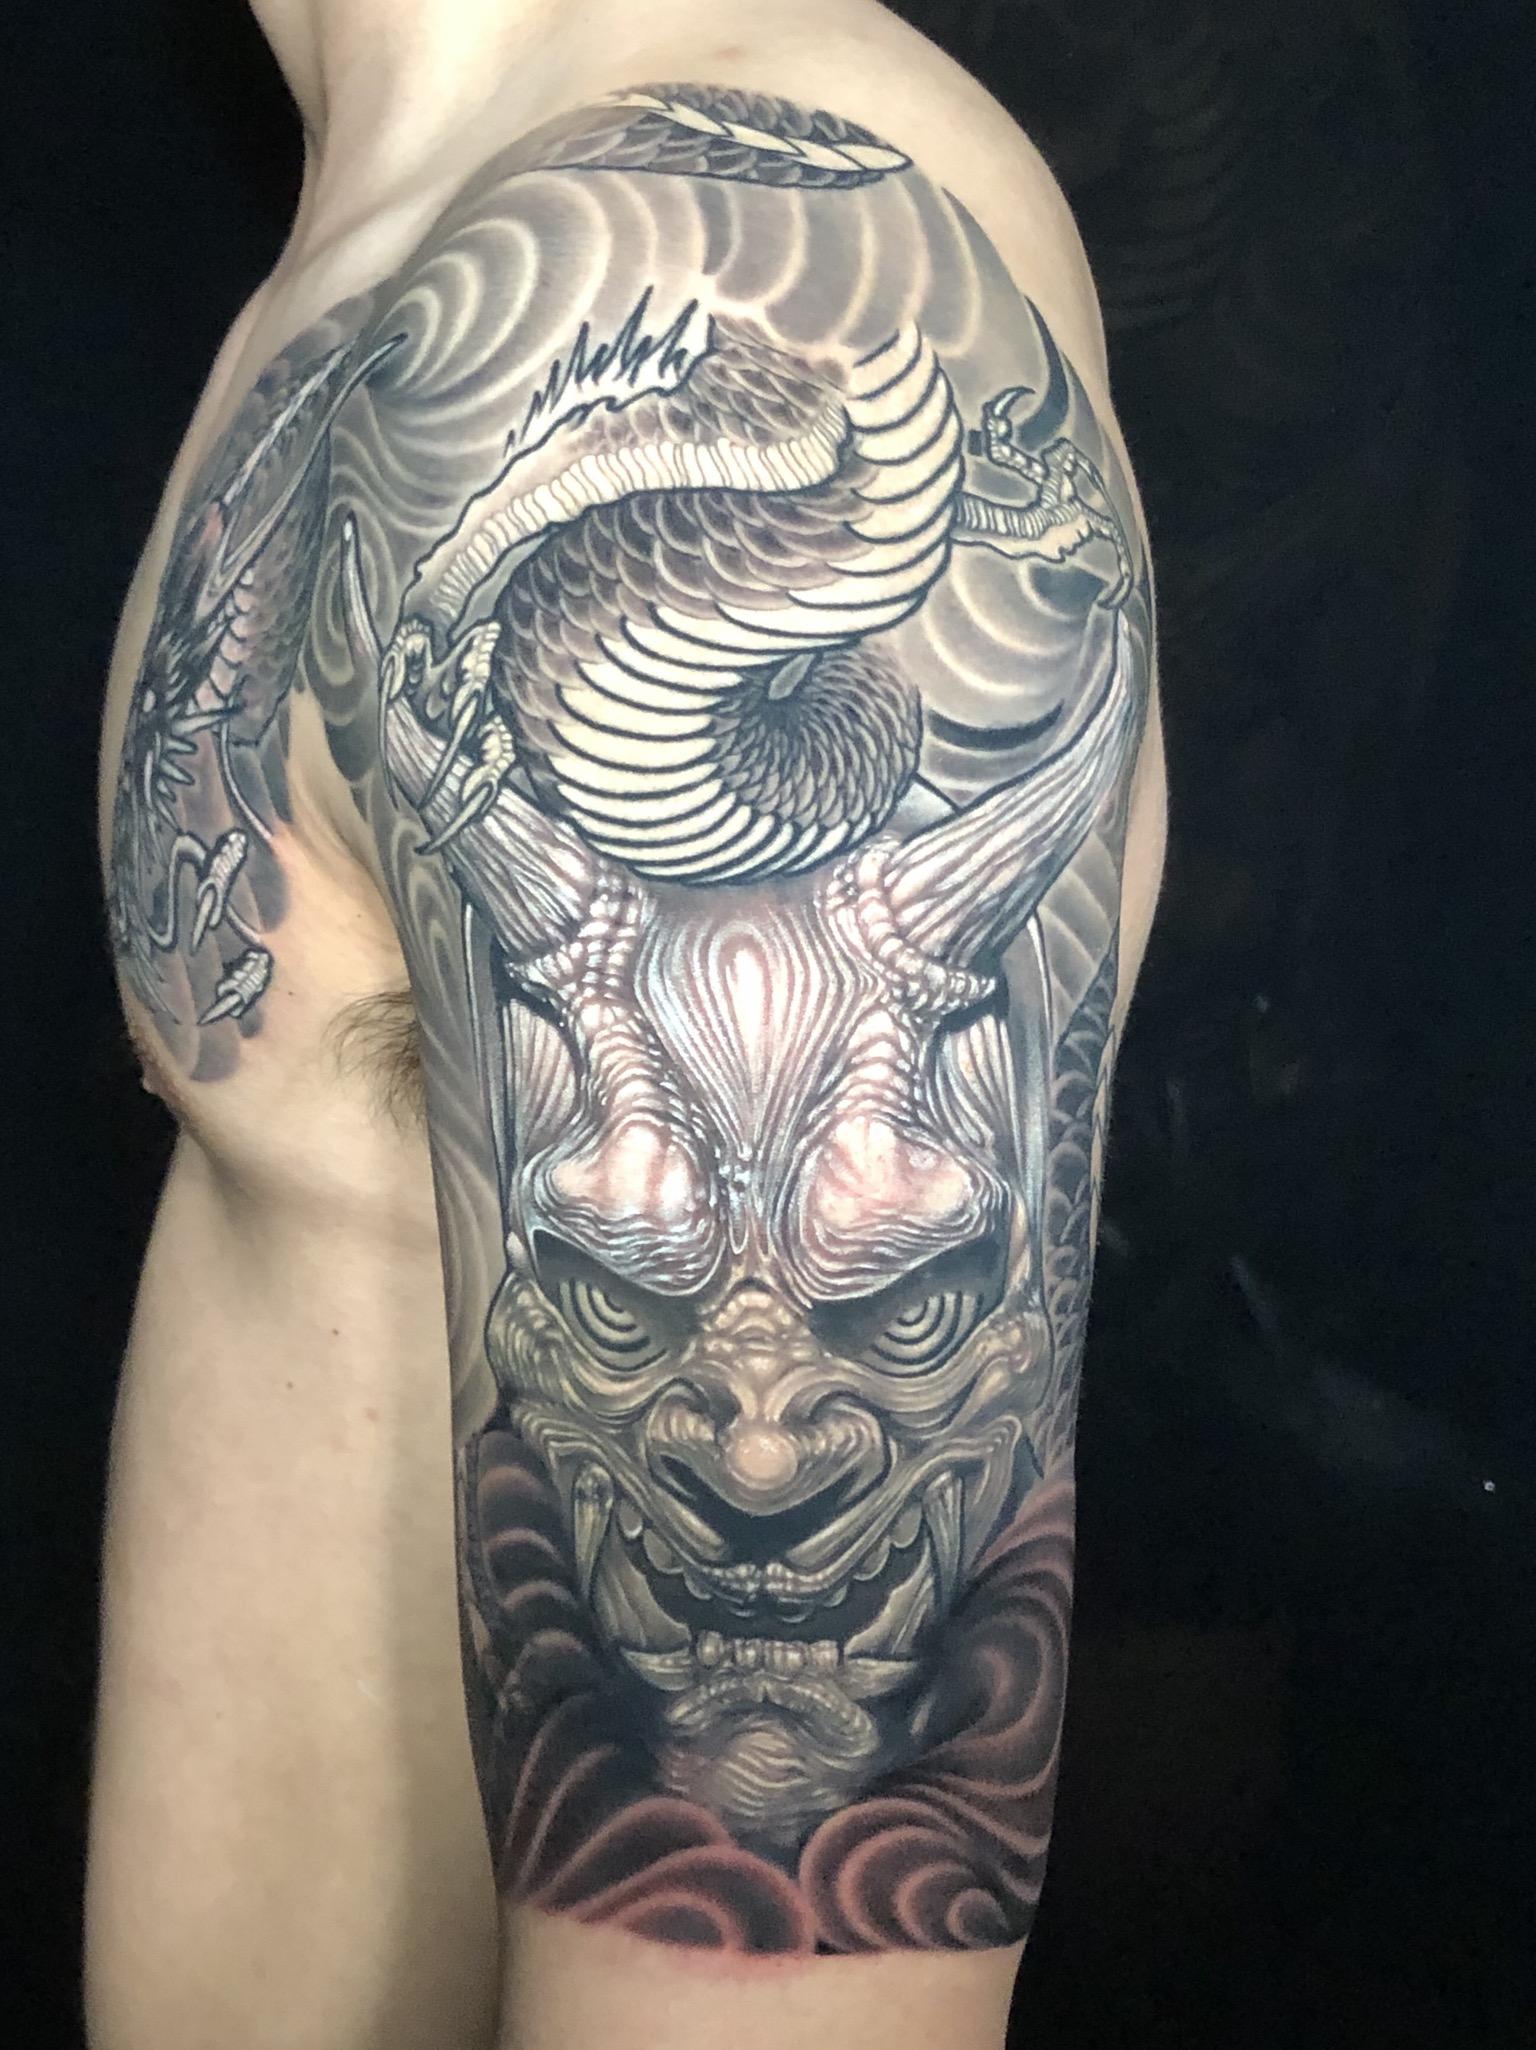 Eddie Molina Tattoo 2019 Okanagan Tattoo Show & Brewfest Artist